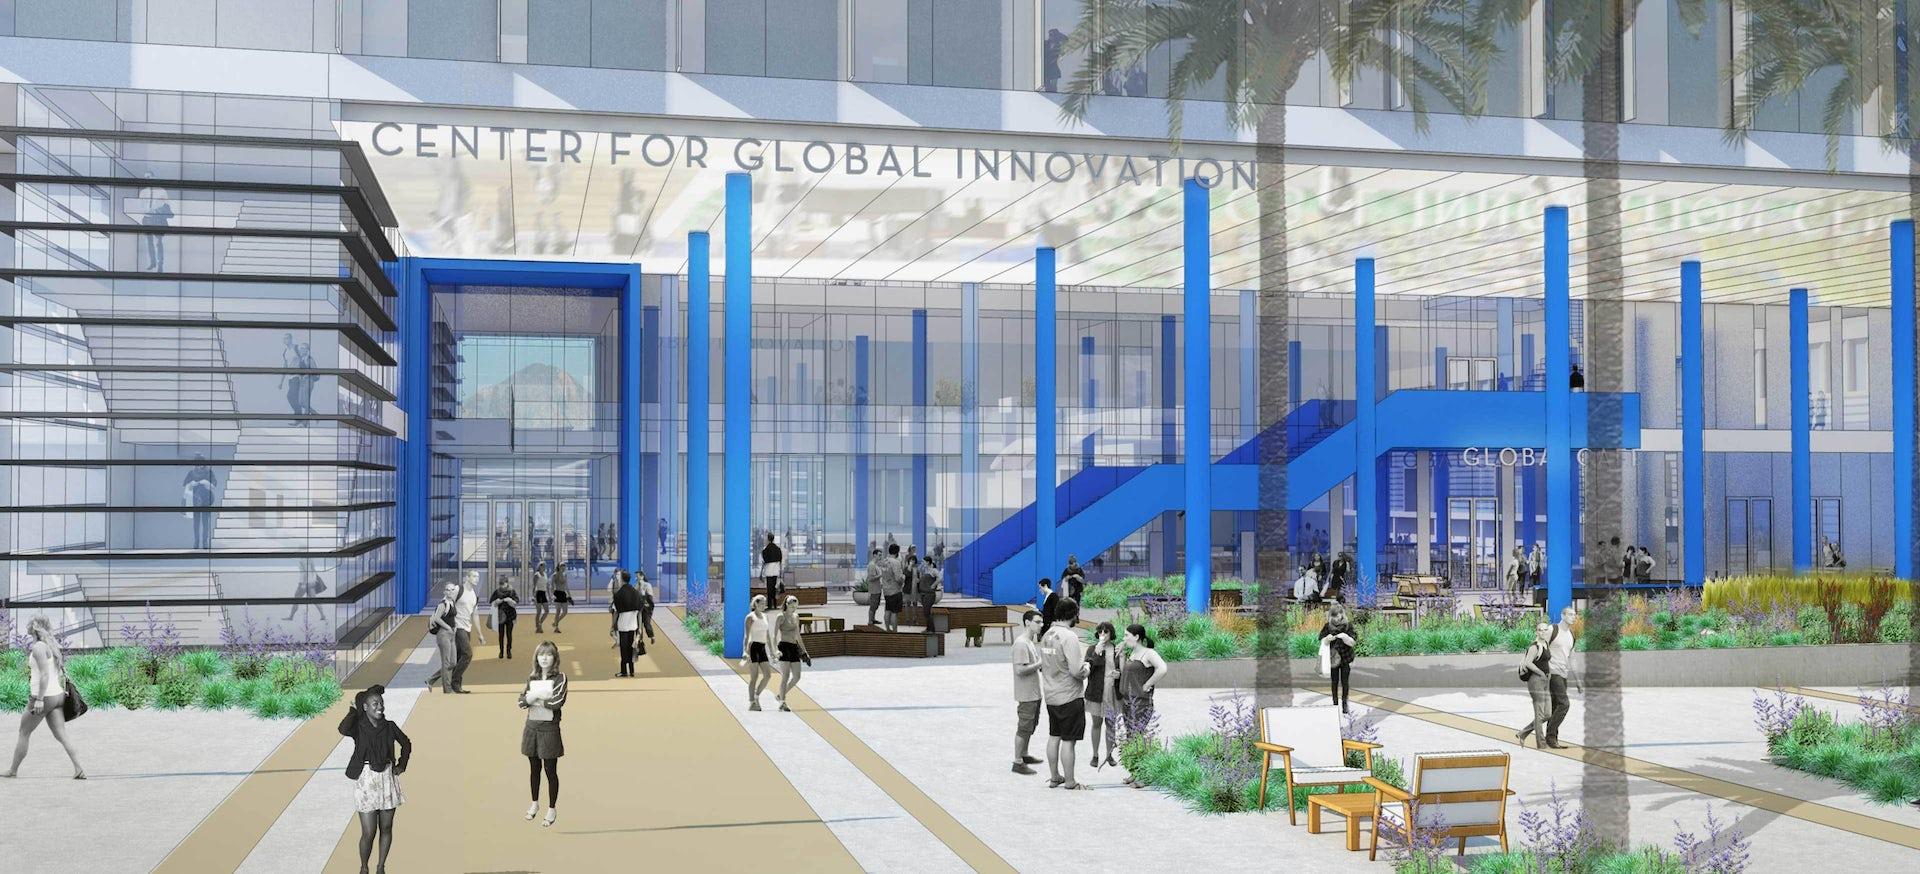 Csusb Center For Global Innovation4